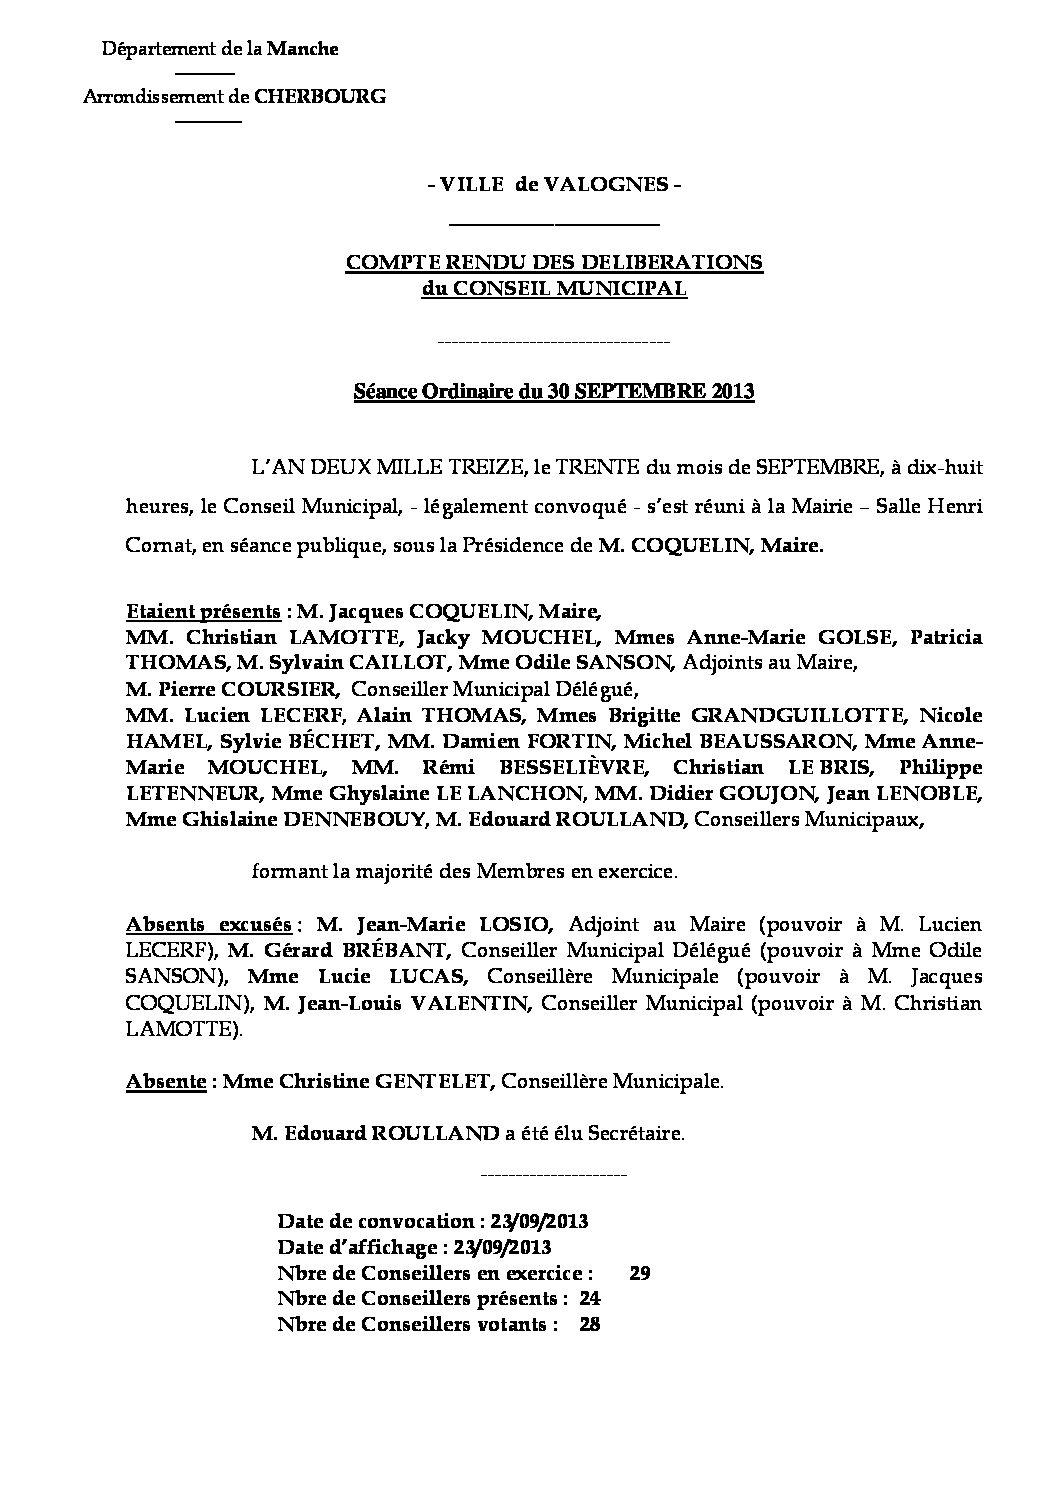 Extrait du registre des délibérations du 30-09-2013 - Compte rendu des questions soumises à délibération lors de la séance du Conseil Municipal du 16 décembre 2013.